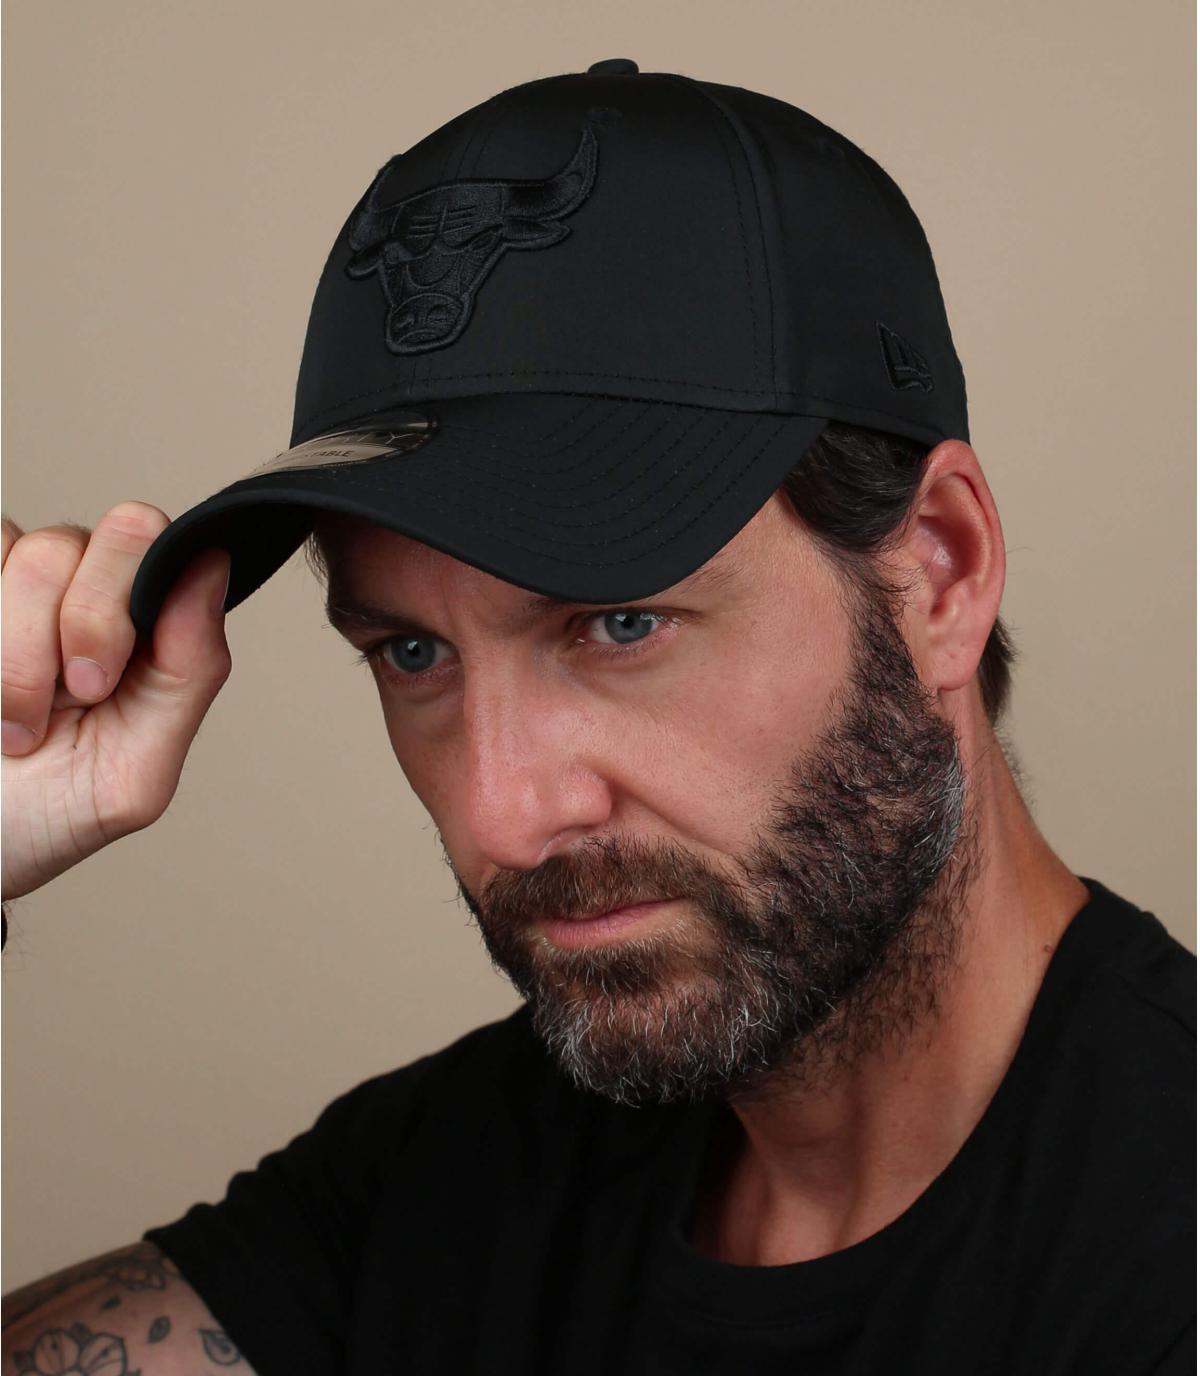 cappello da toro in nylon nero